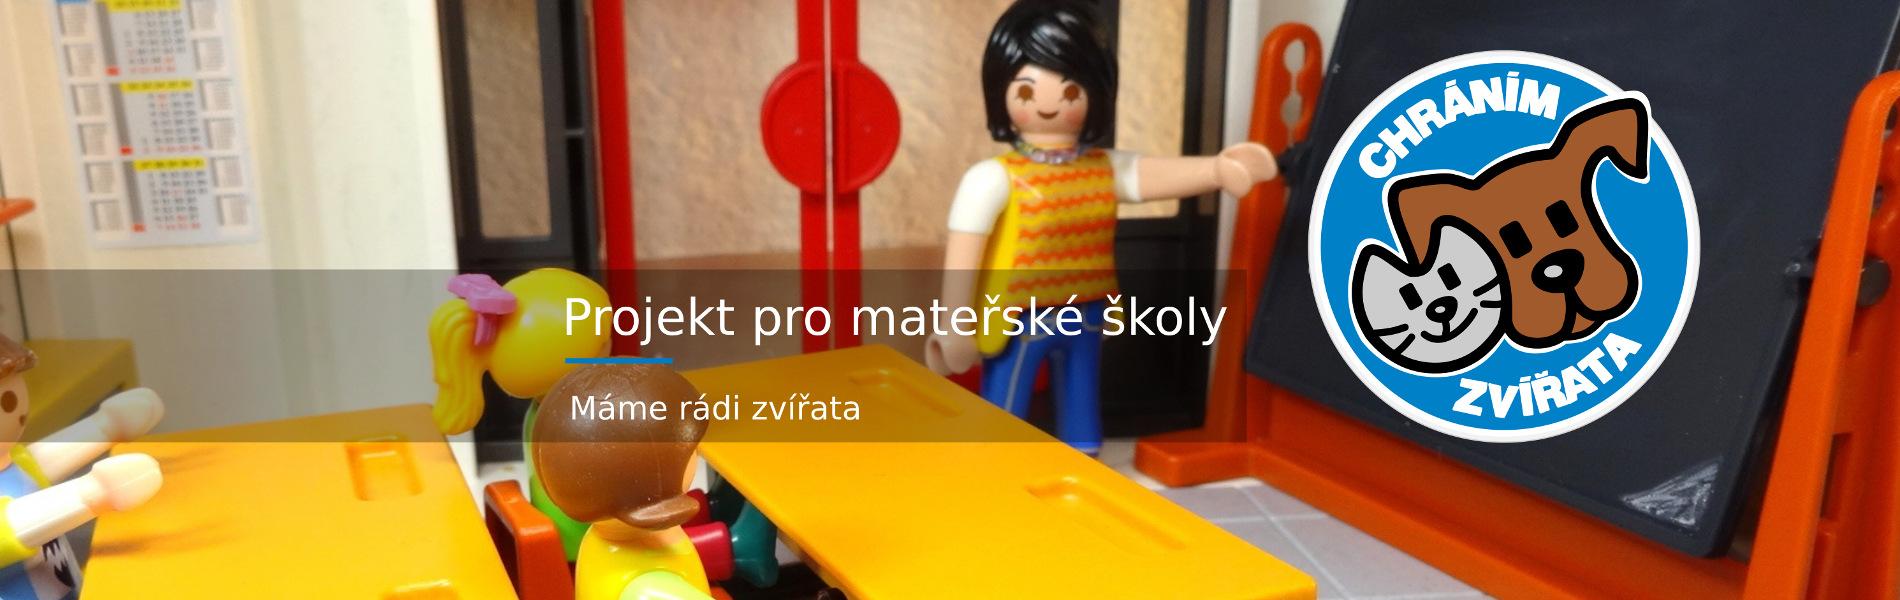 slide-skolky